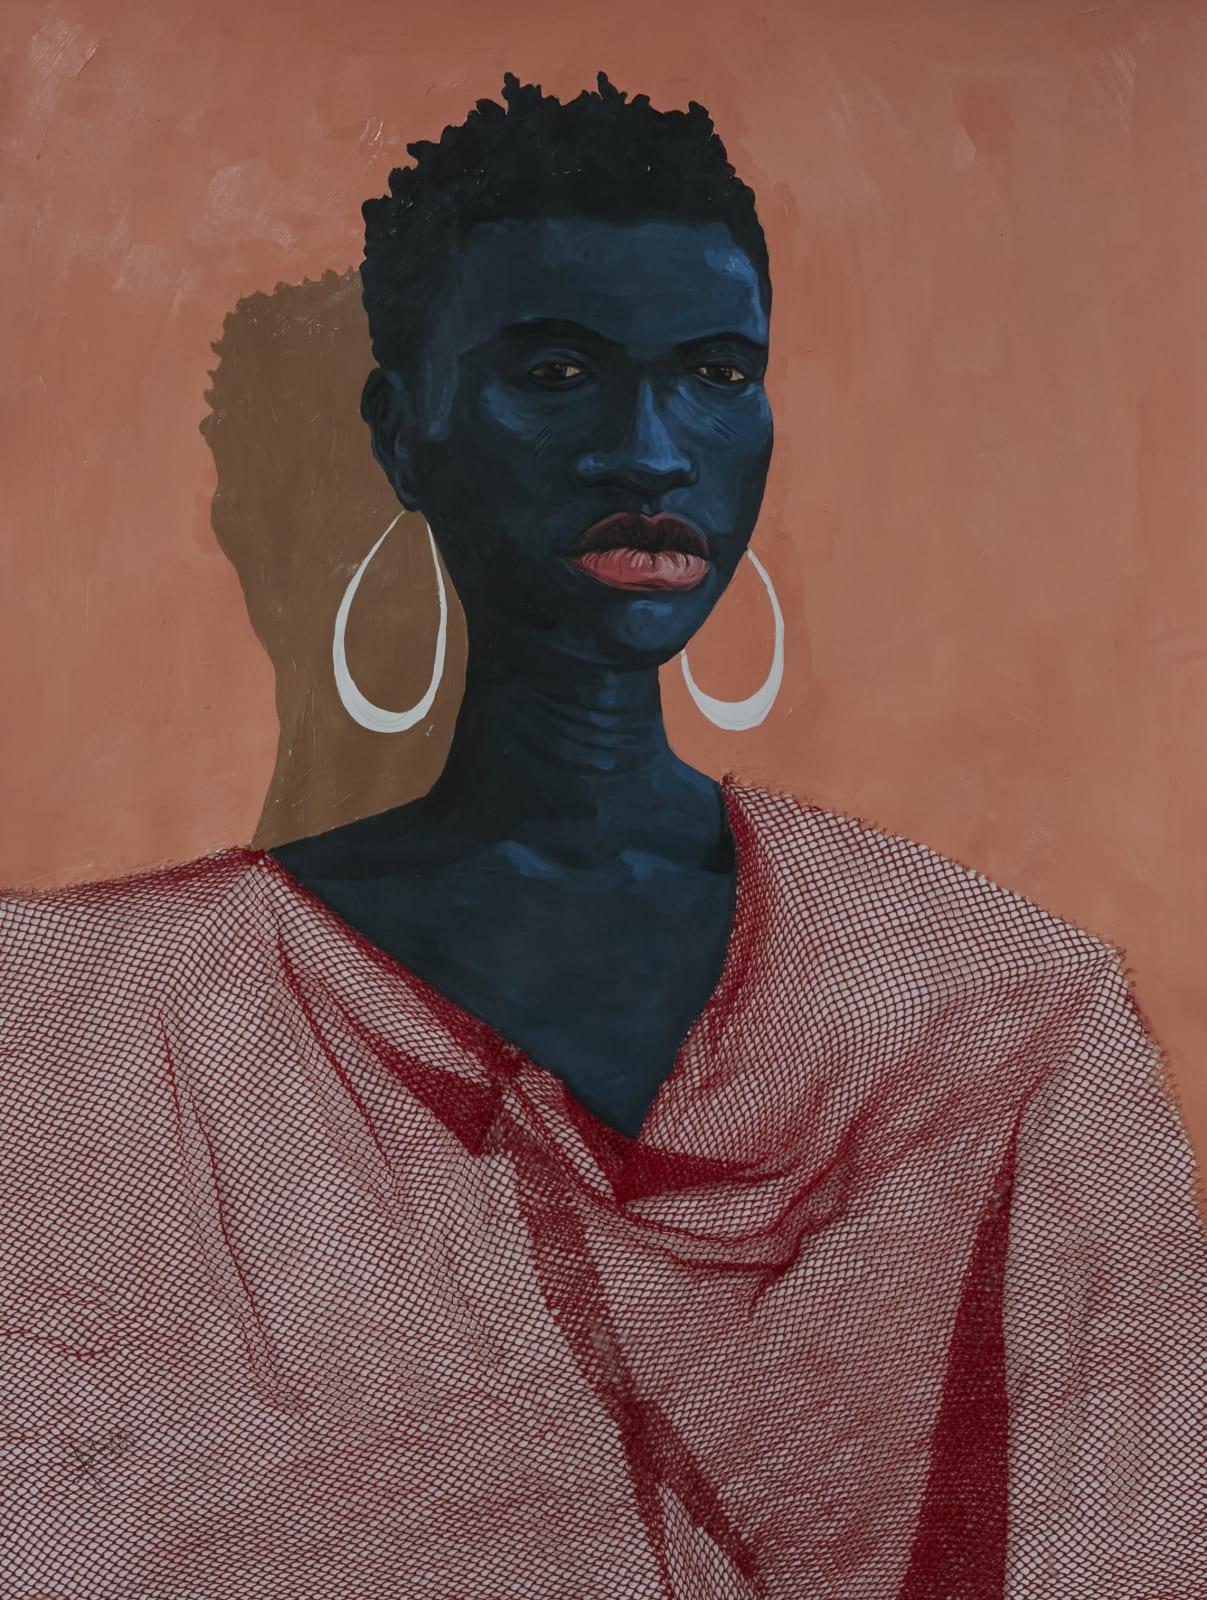 Adjei Tawiah, Red on black, 2021